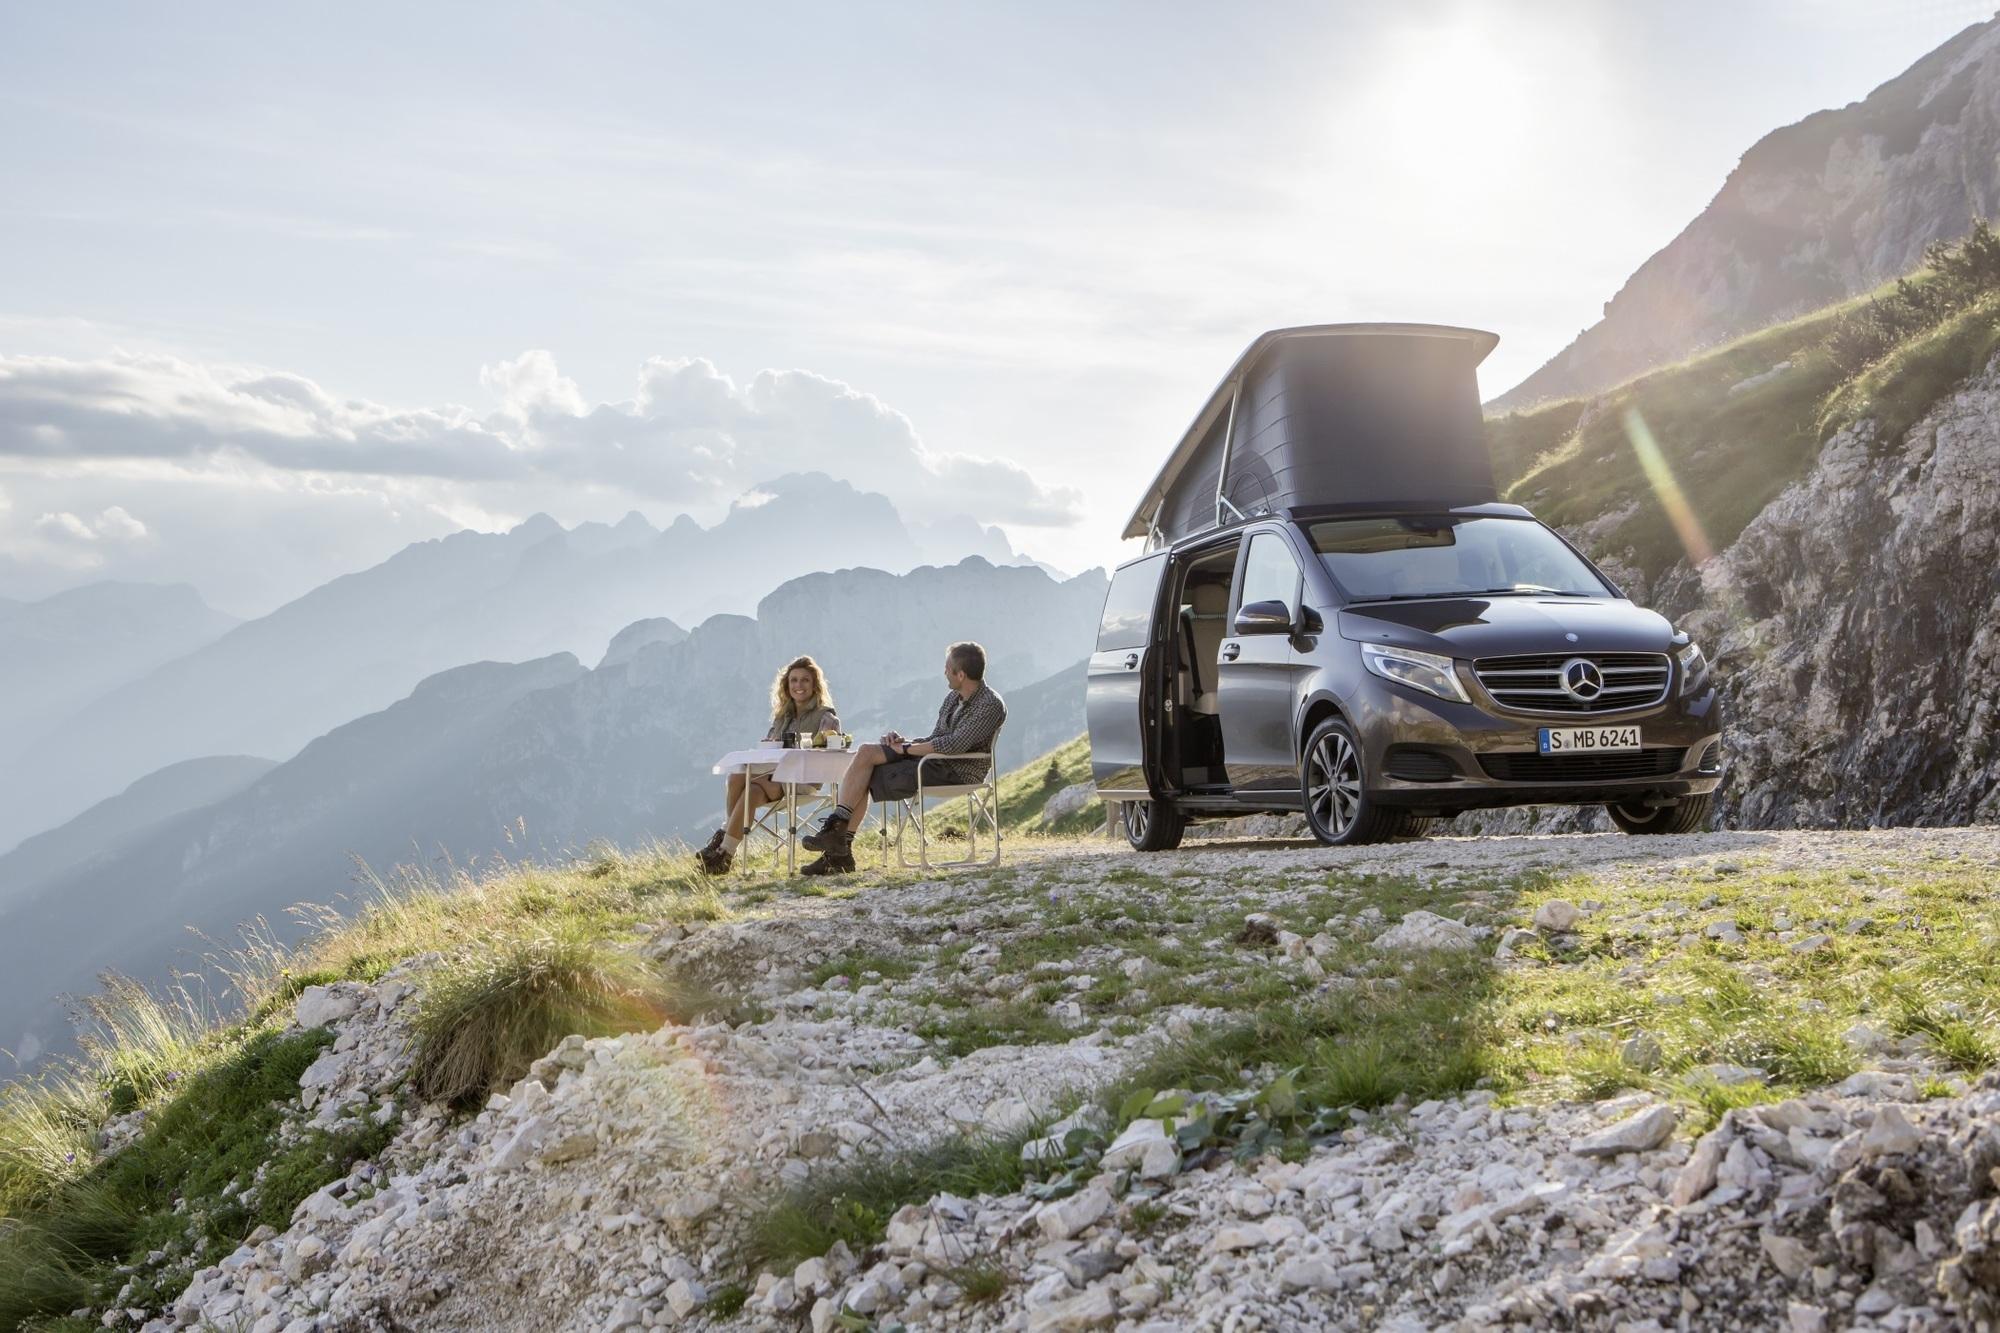 Mercedes Marco Polo - Einer neuer Stern am Reisemobilhimmel